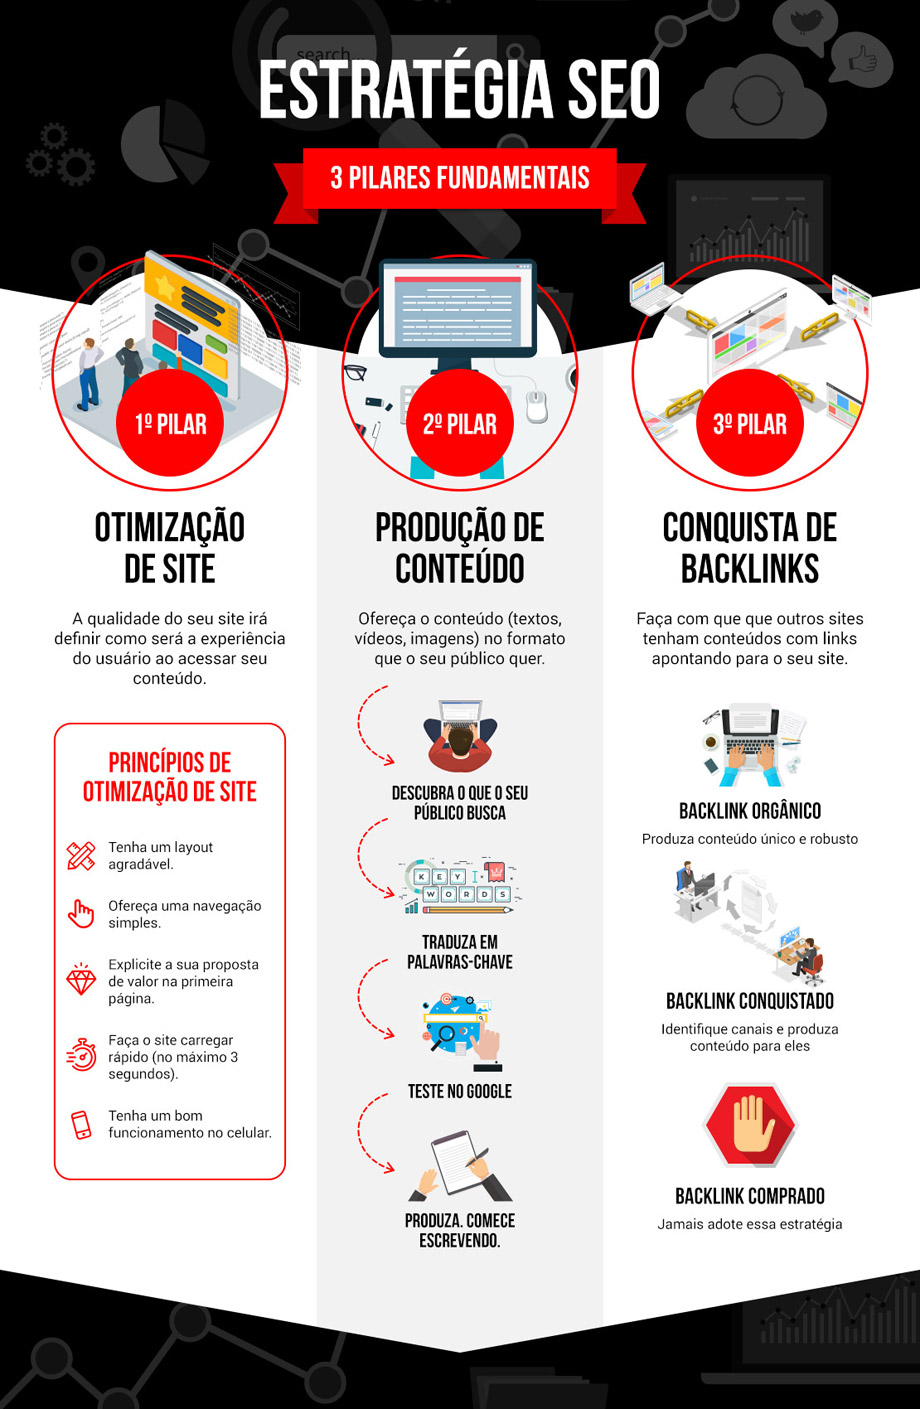 Infográfico Estratégia SEO: Os 3 Pilares Fundamentais